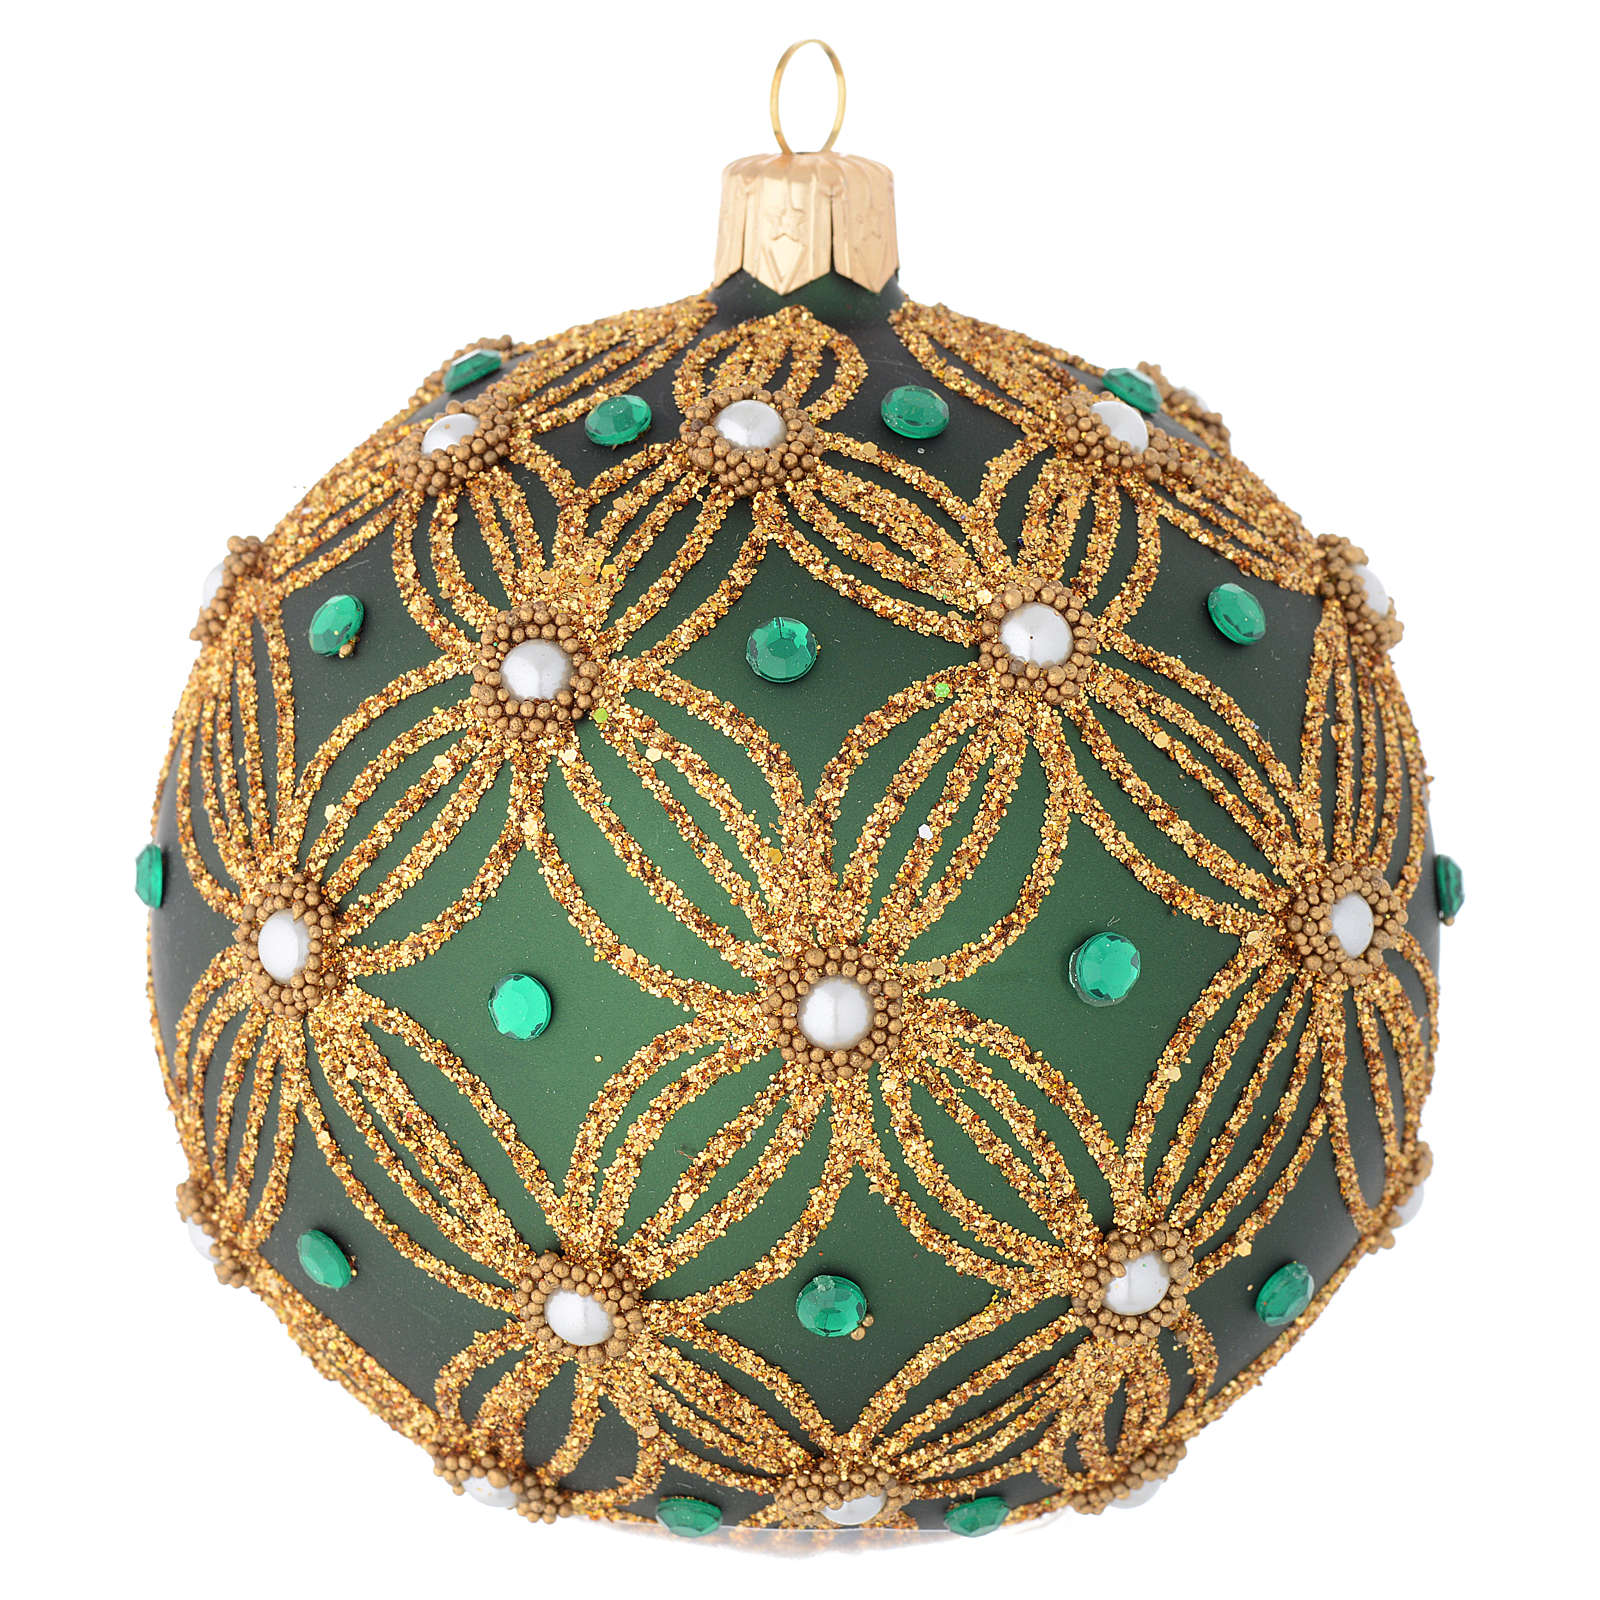 Bola navidad vidrio soplado verde decoraciones oro 100 mm 4